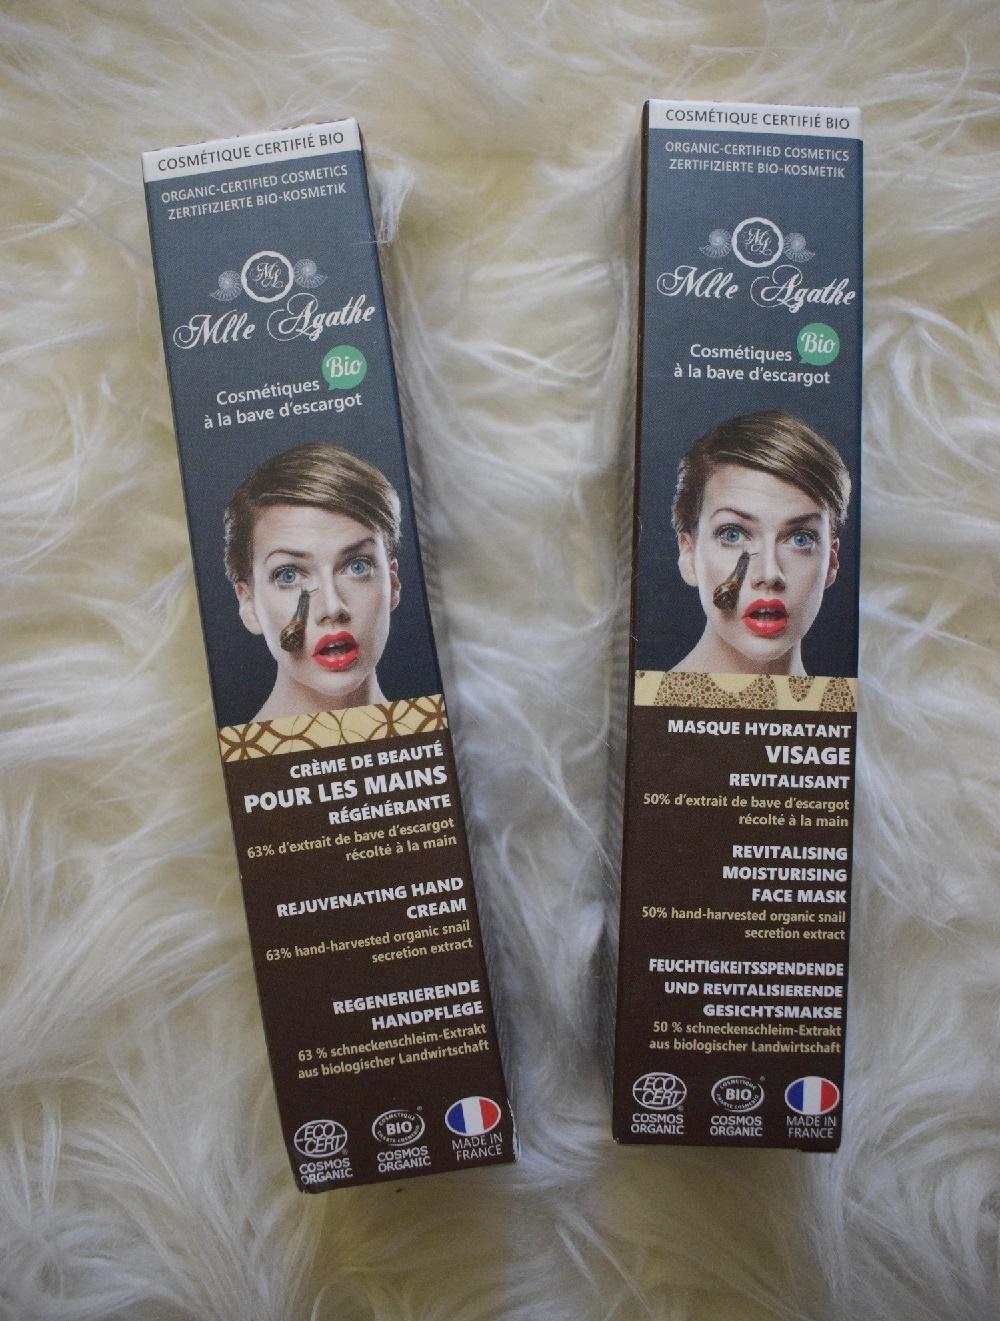 BFE Bloggertreffen 2019 die Goodiebag Mlla Abathe Handcreme und Gesichtsmaske